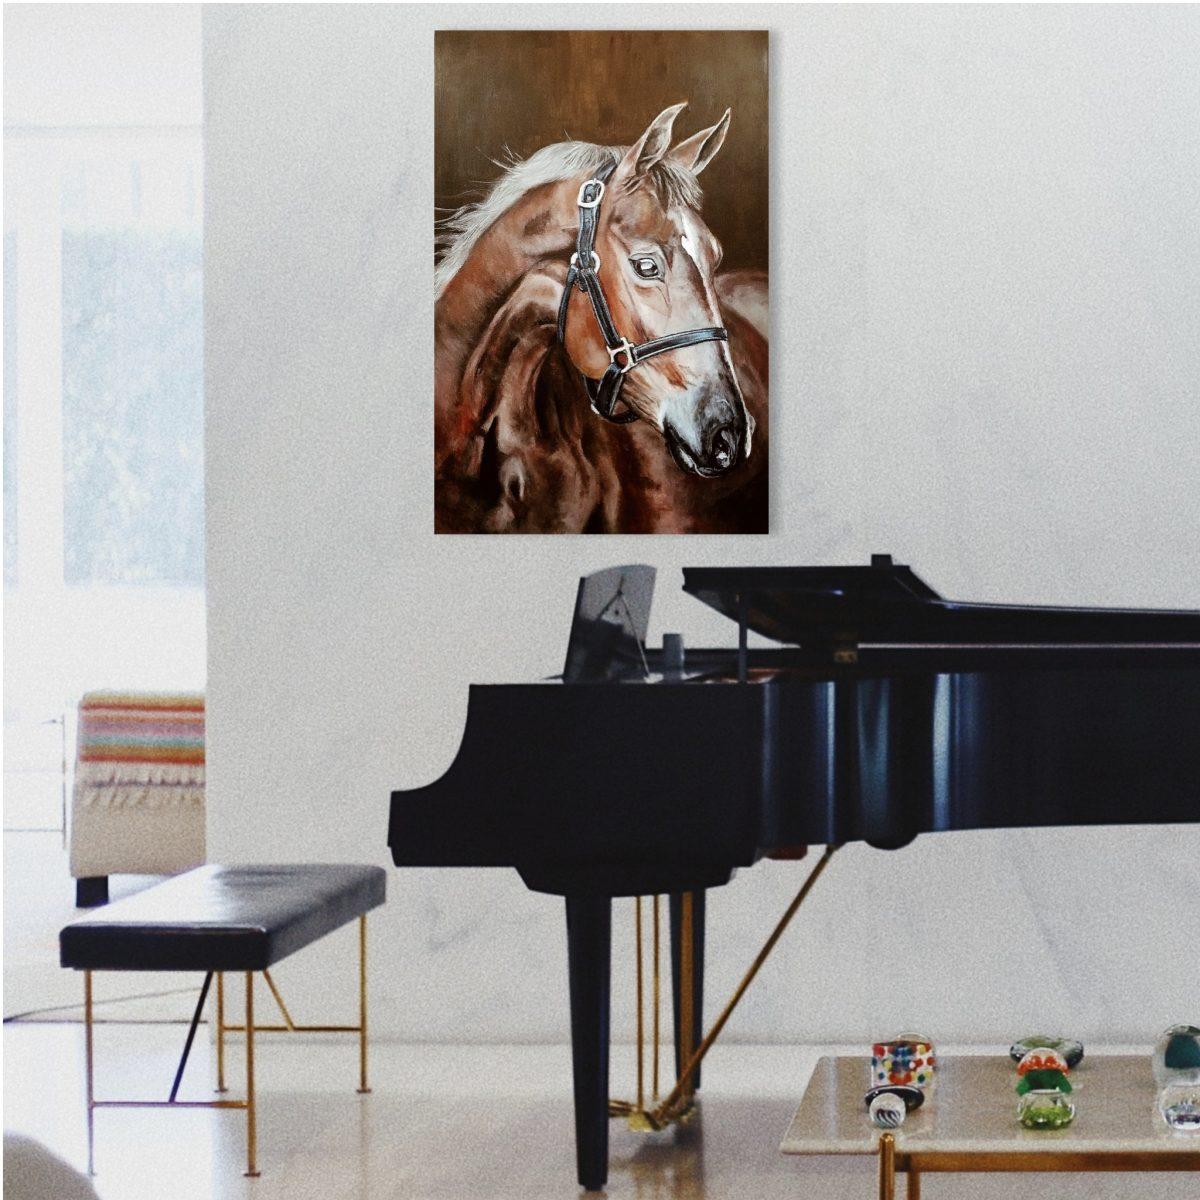 caballo, decoración